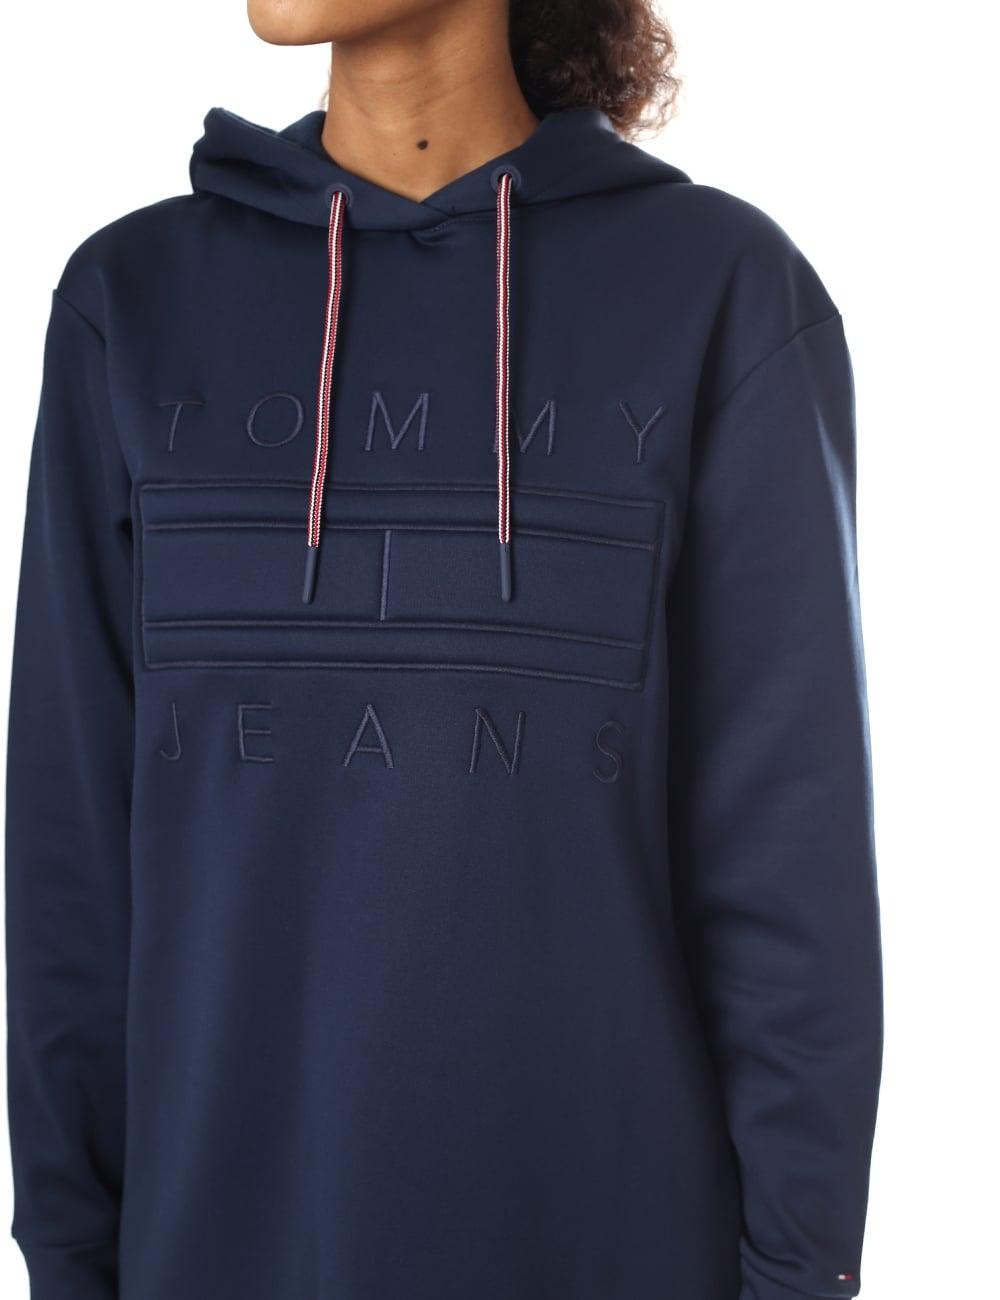 100% Qualität begehrteste Mode Straßenpreis Tommy Hilfiger Women's Logo Hoodie Dress